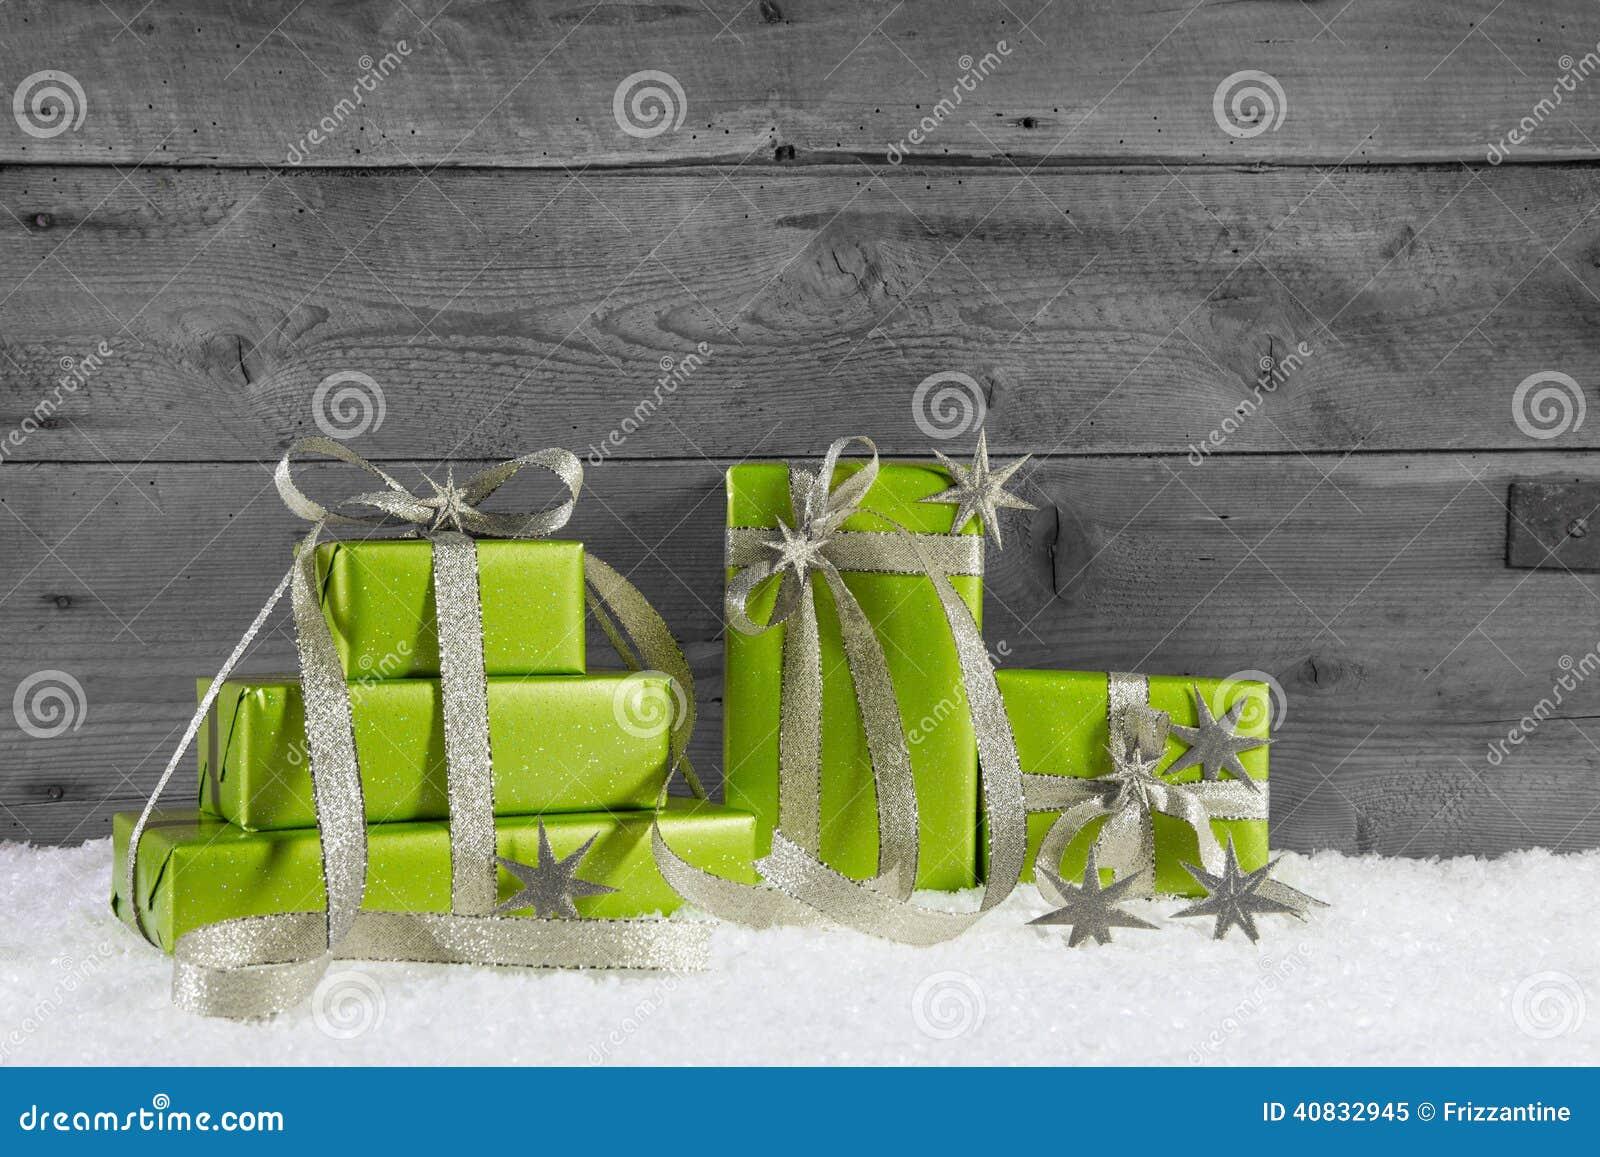 Grüne Geschenkboxen für Weihnachten auf grauem schäbigem Hintergrund